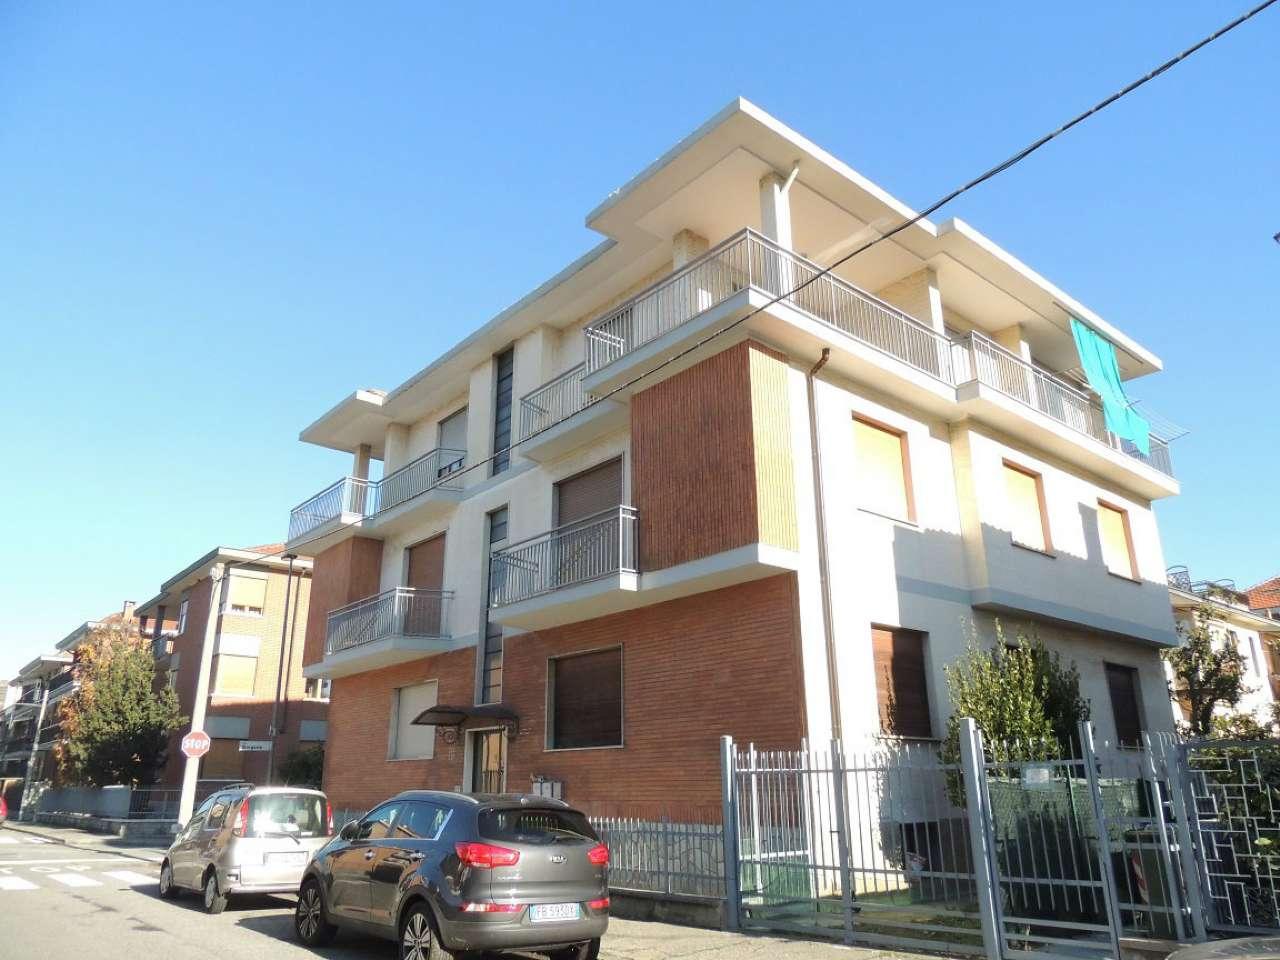 Appartamento in vendita a Collegno, 3 locali, prezzo € 145.000 | Cambio Casa.it